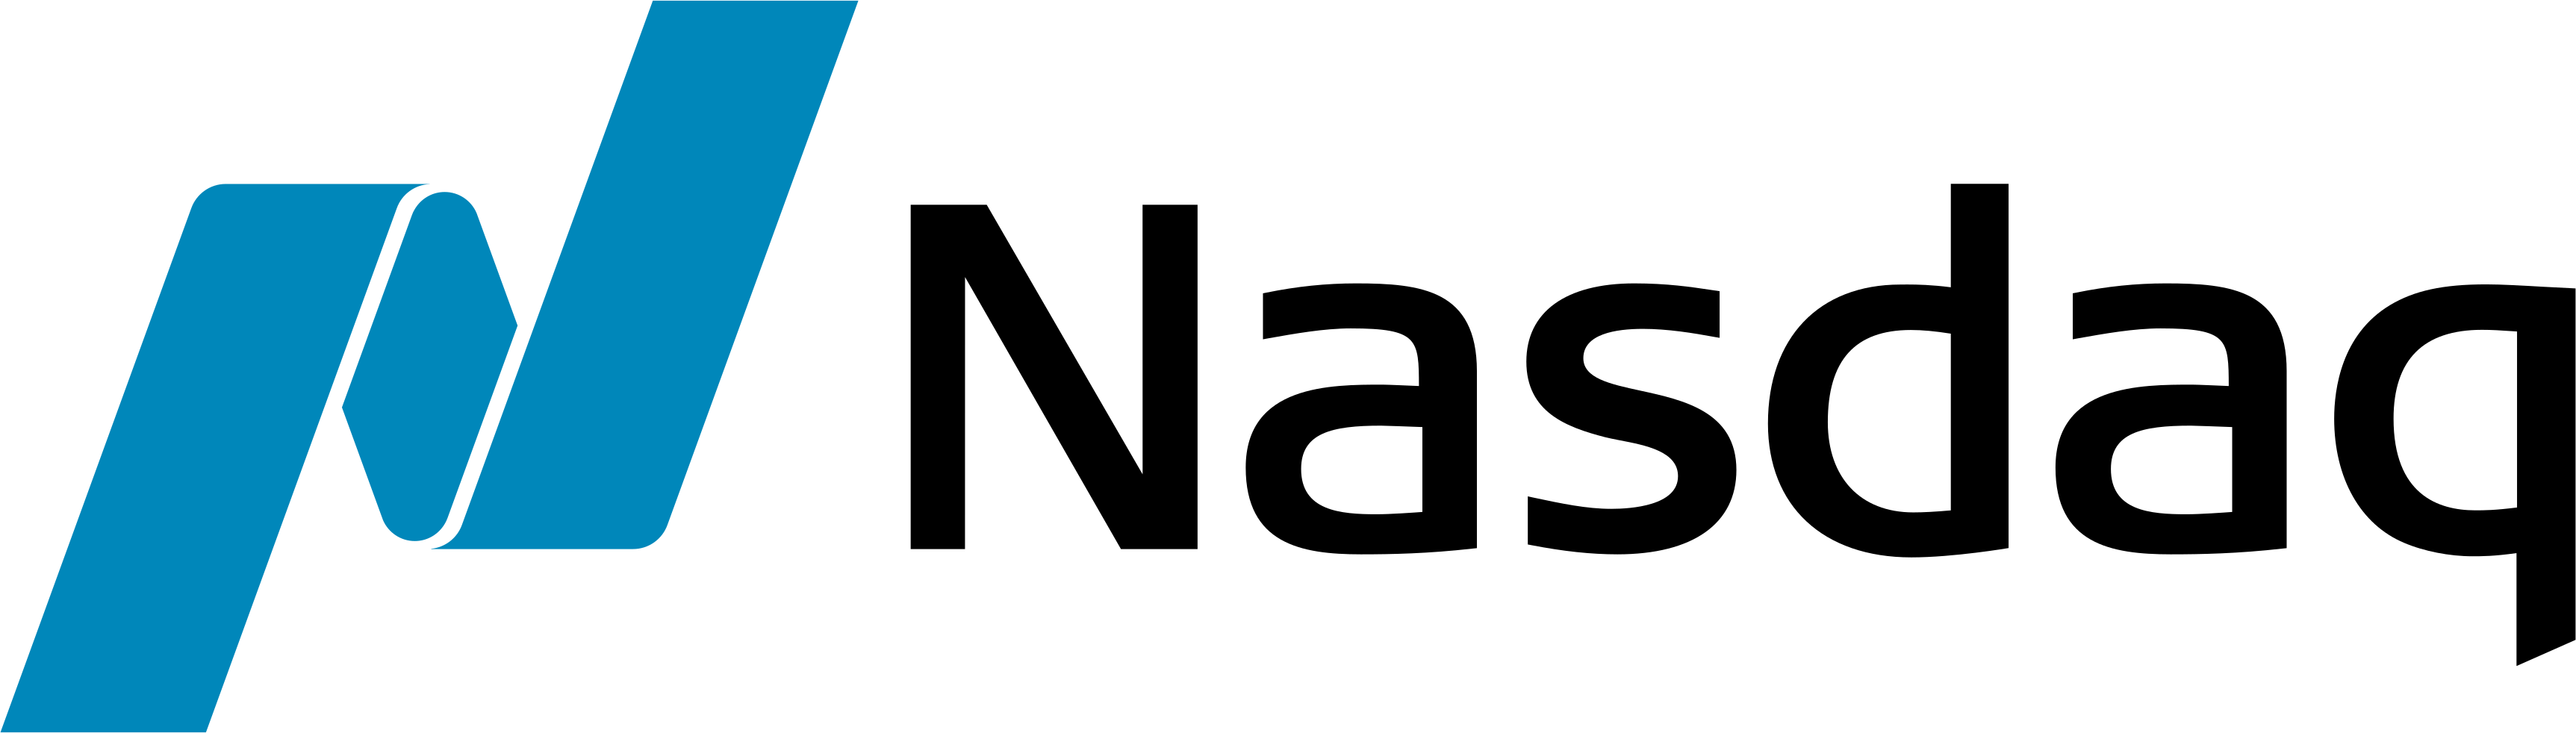 NASDAQ (NASDAQ) Full Logo